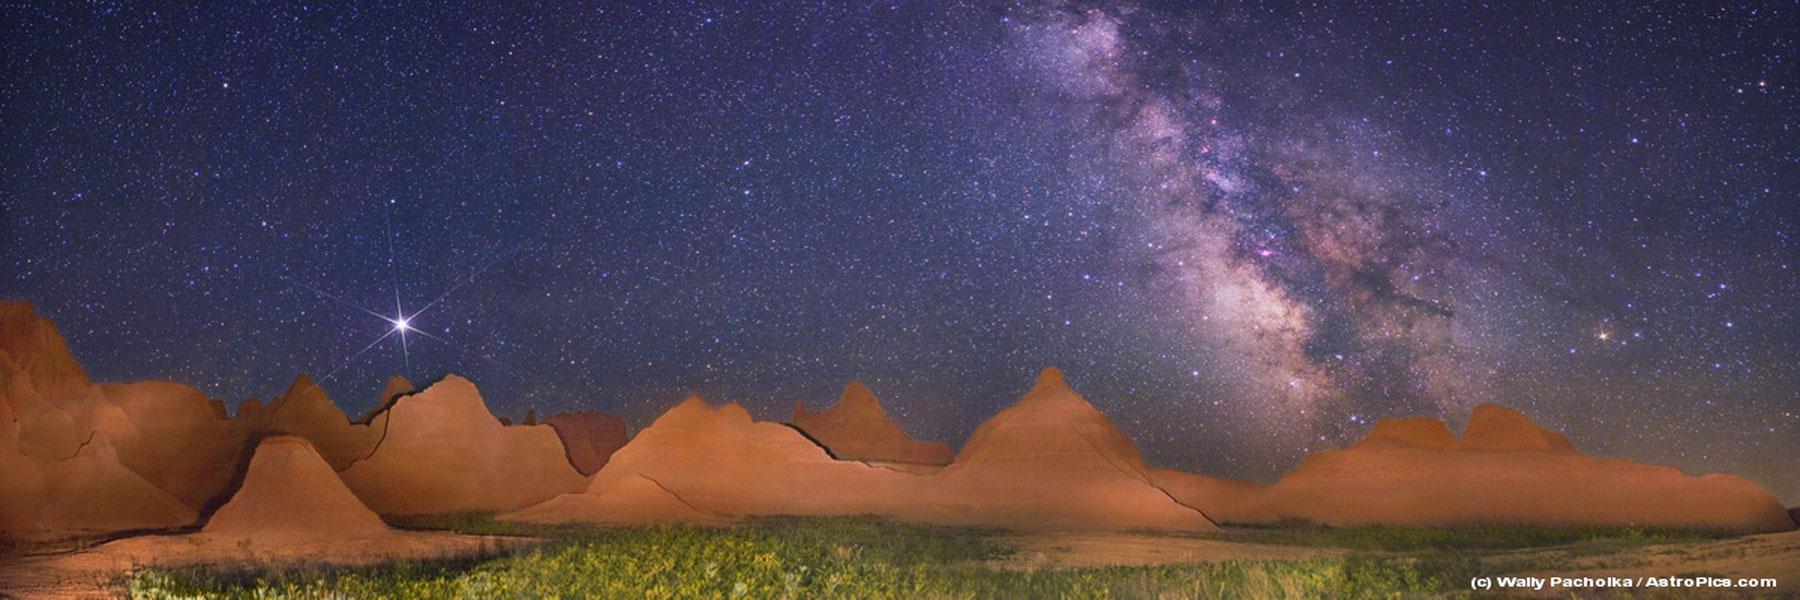 图片说明:银河系全景图,版权:AstroPics.com, TWAN